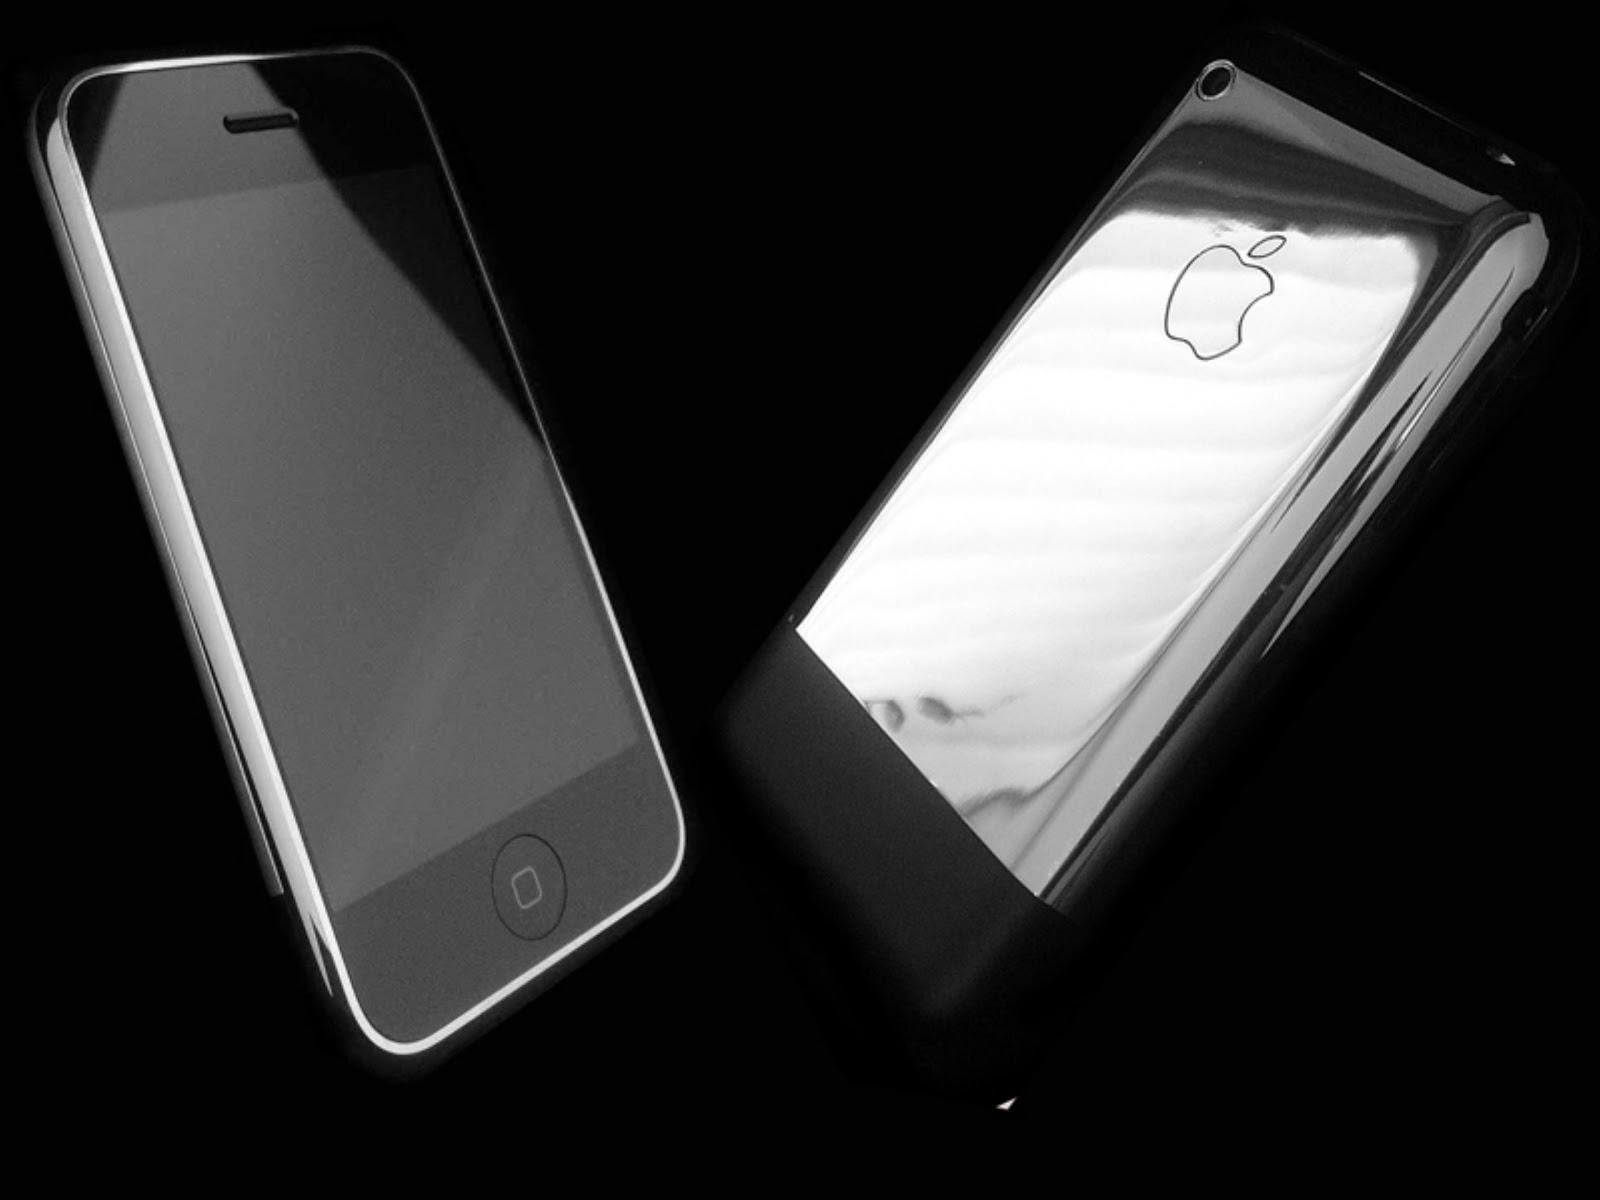 http://3.bp.blogspot.com/-8jgvS_OmCjI/TmcviVlmjYI/AAAAAAAAFzU/FYuSN7kL-ps/s1600/iphone+5-iphone-pictures-concept-design+%25282%2529.jpg